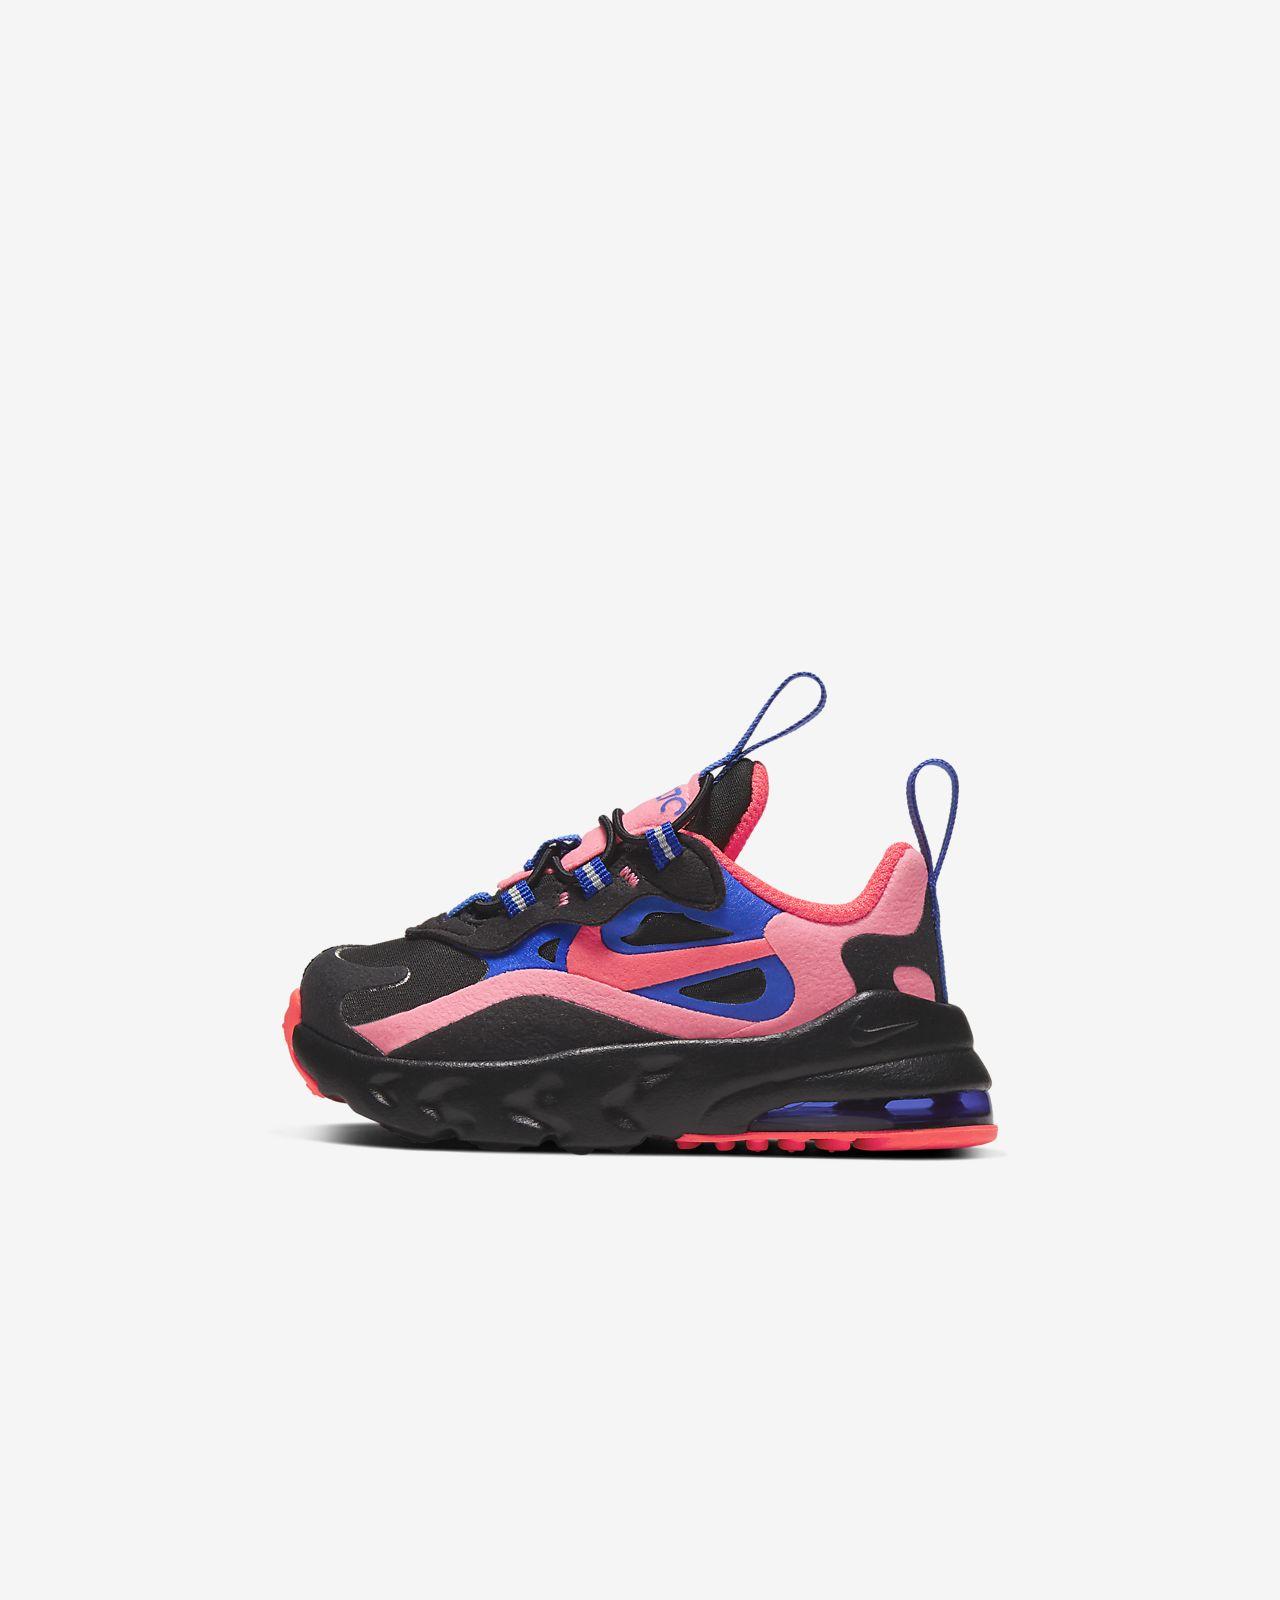 Nike Air Max 270 RT Baby/Toddler Shoe